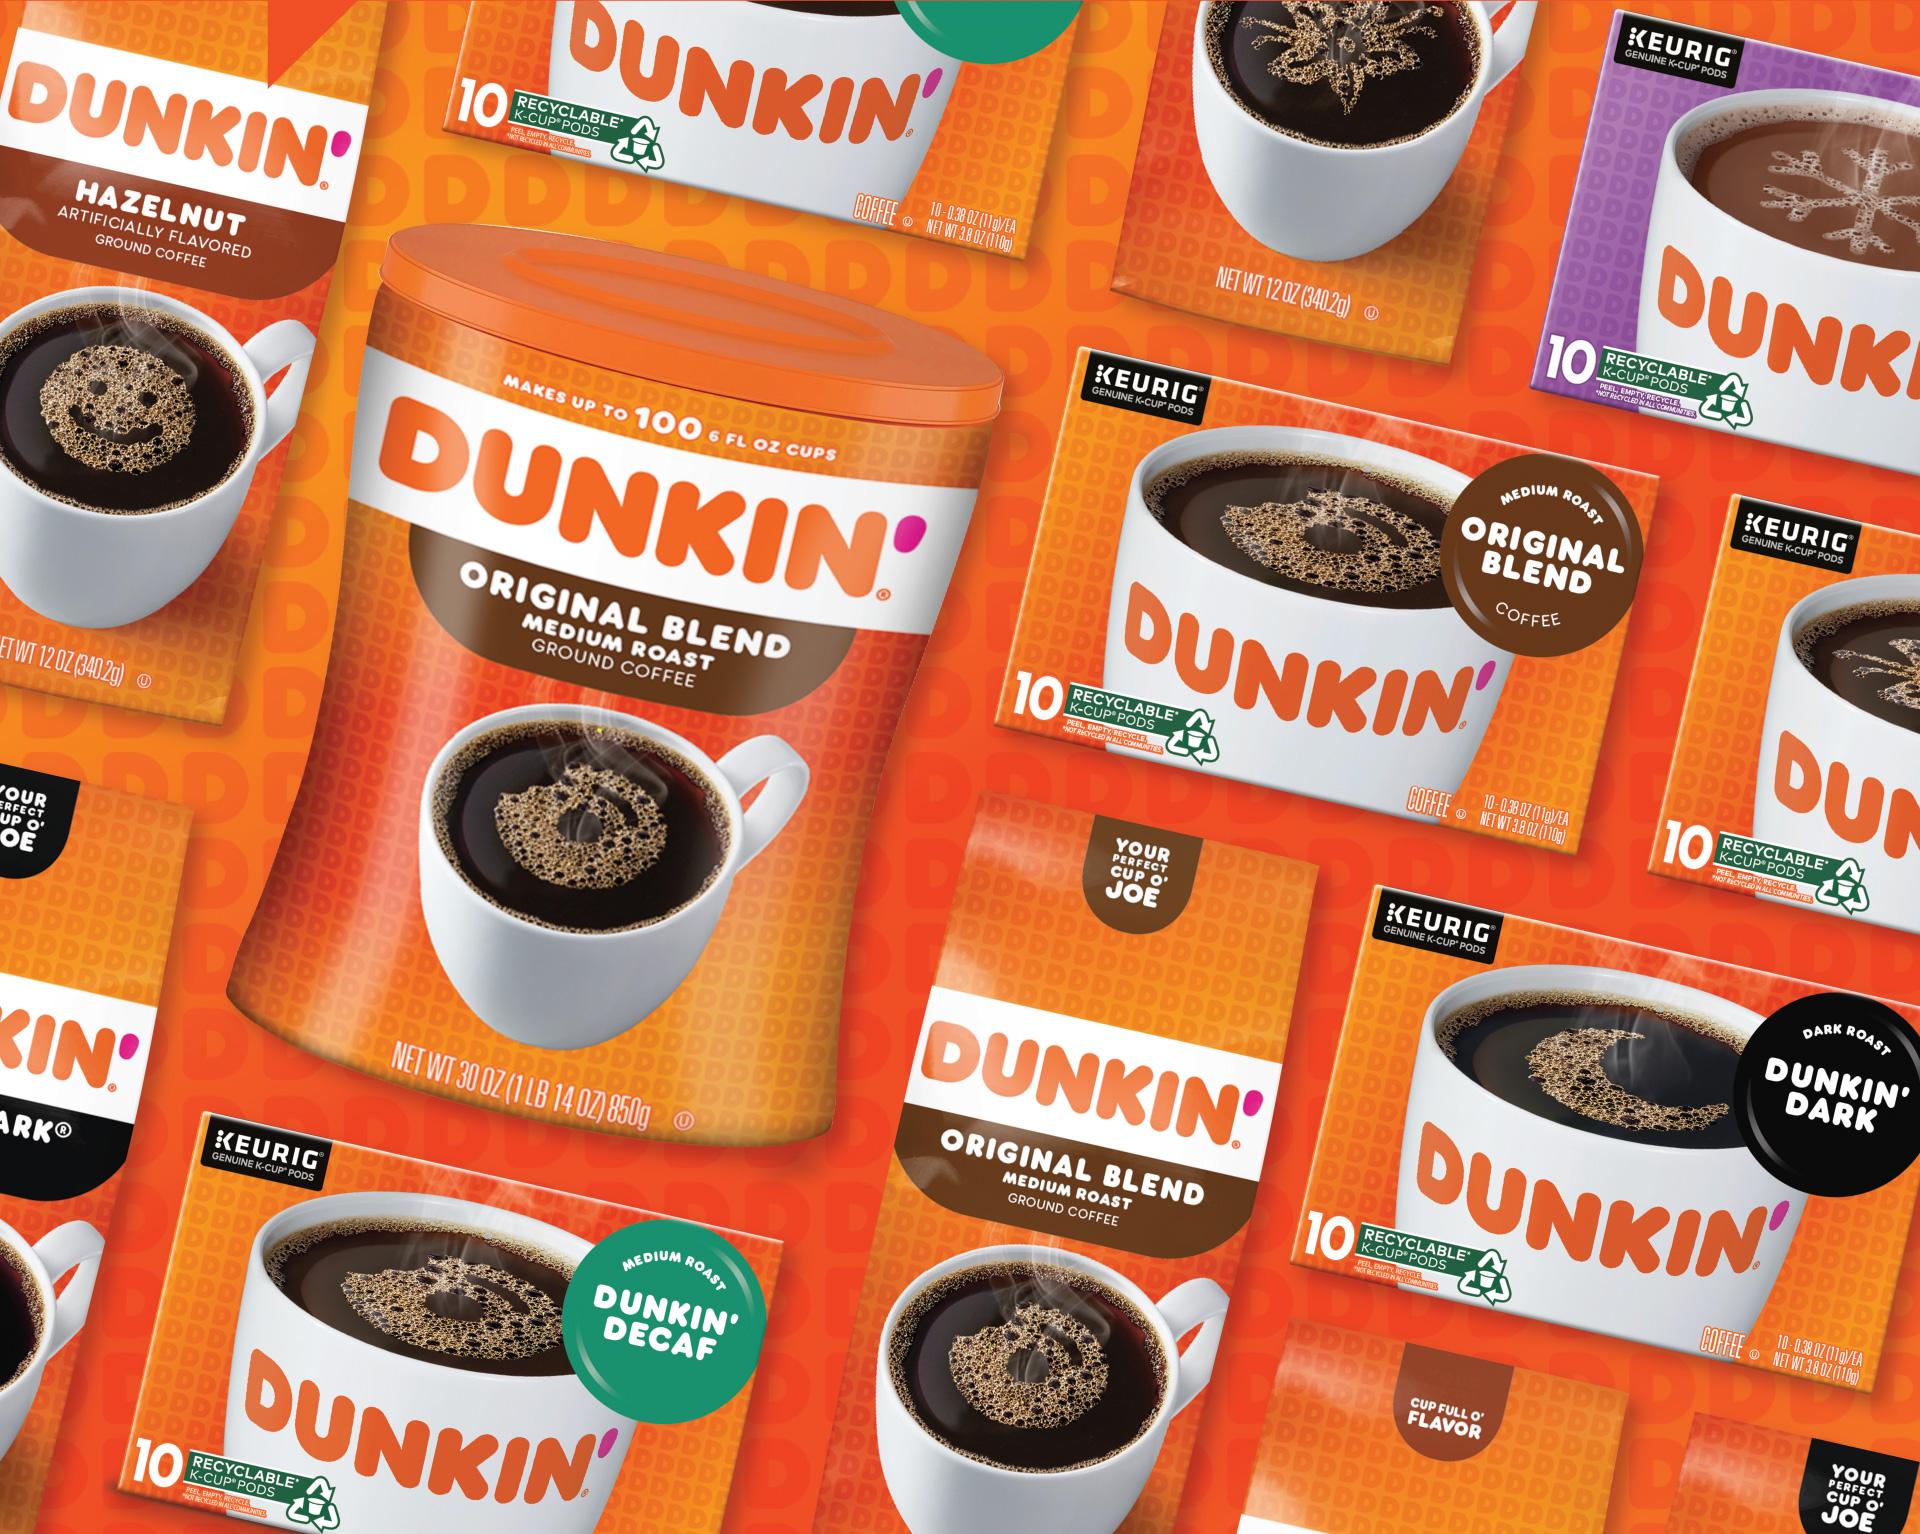 Dunkin - Packaging Portfolio